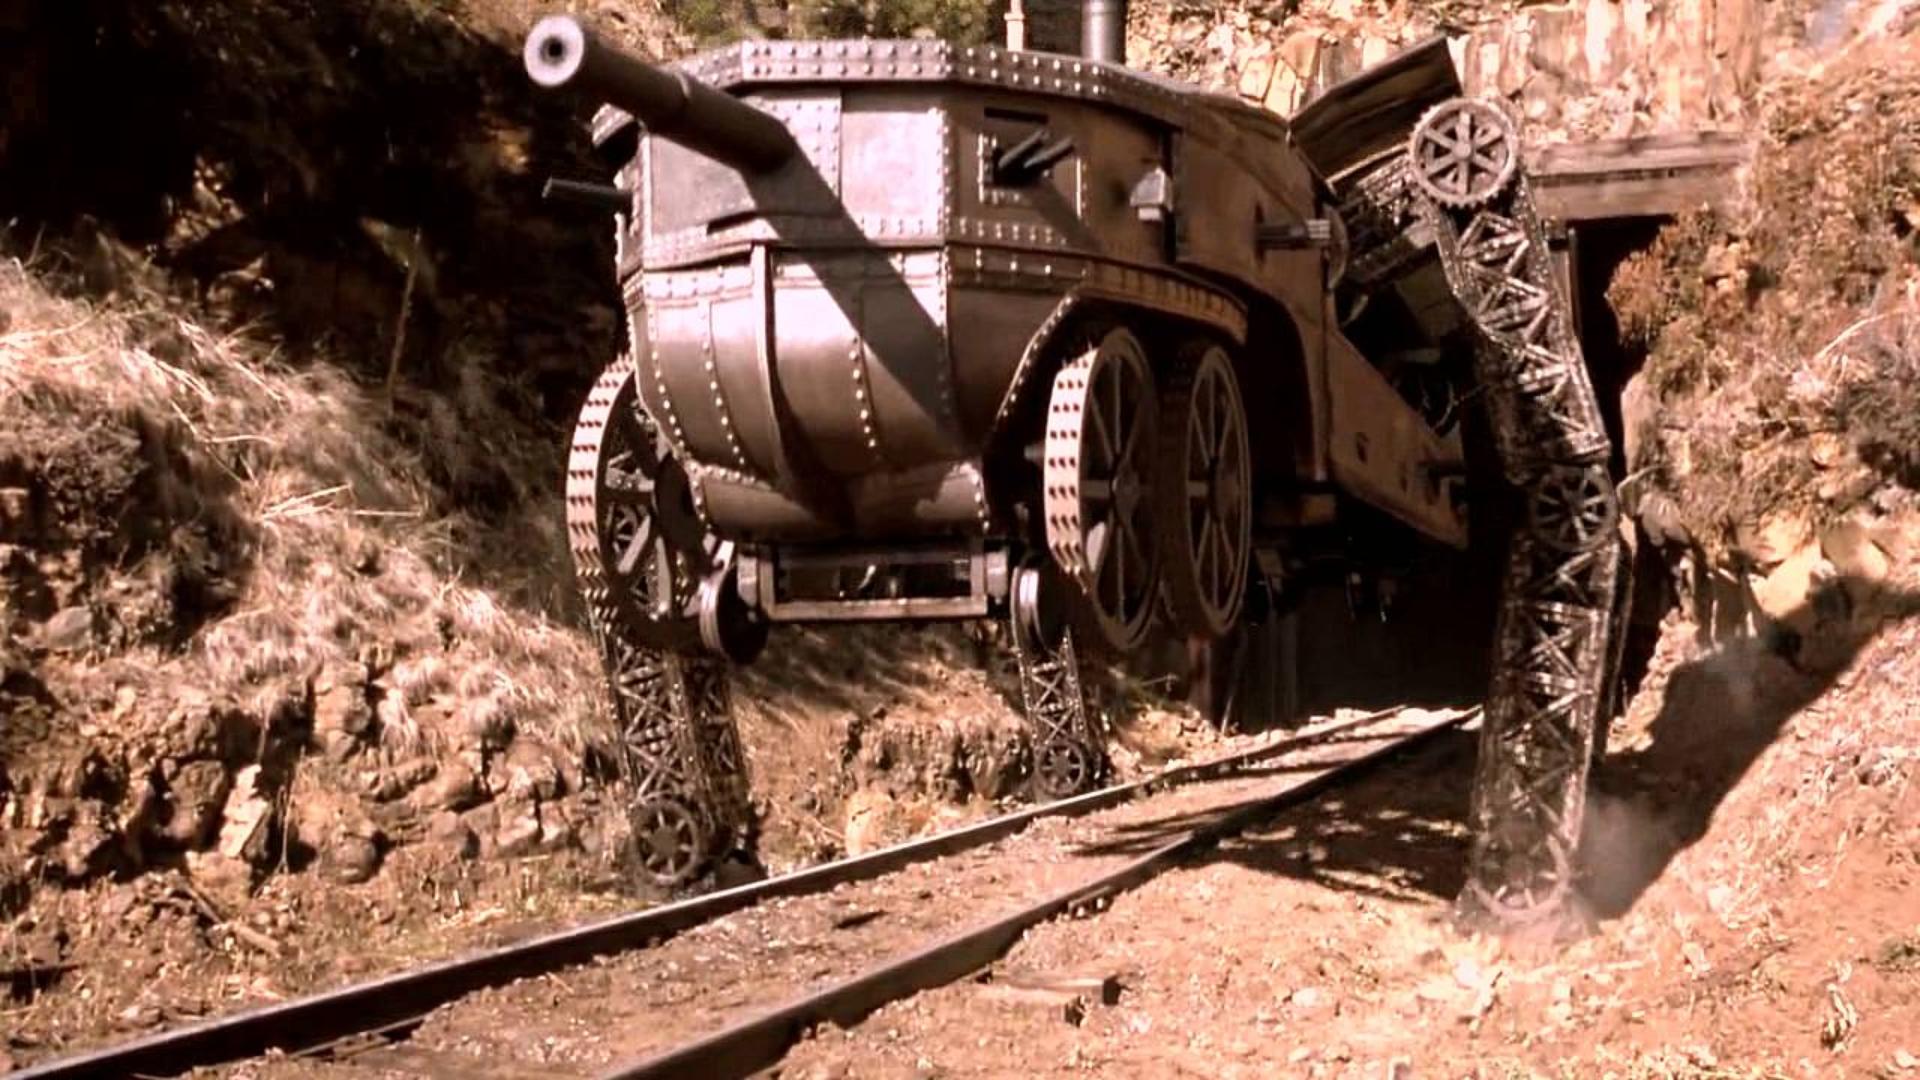 电影:全程黑科技,火车不仅能变形,还能使用各种武器!